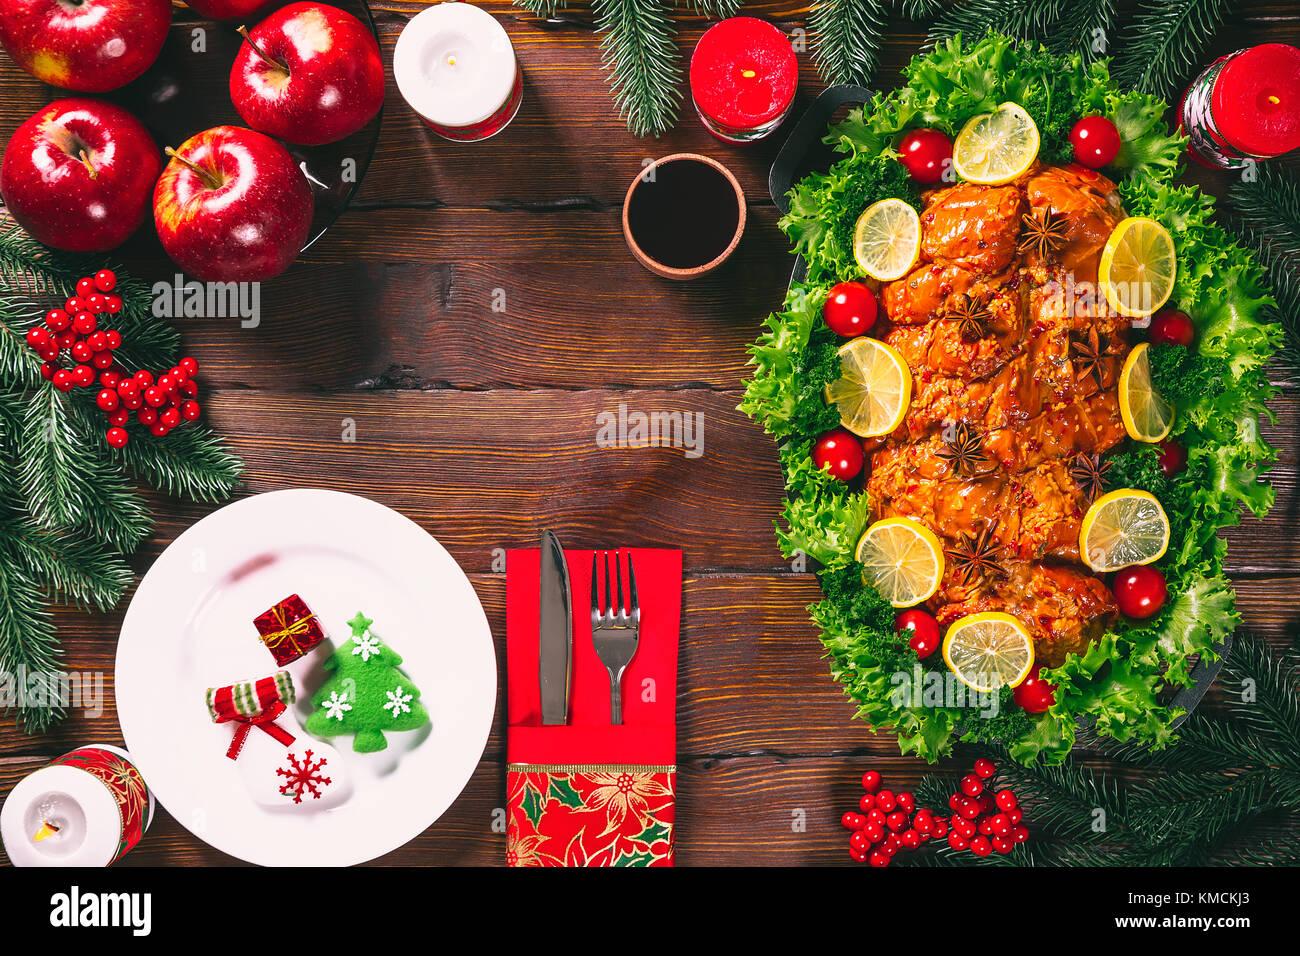 weihnachten tisch zum abendessen mit gebratenem fleisch in. Black Bedroom Furniture Sets. Home Design Ideas